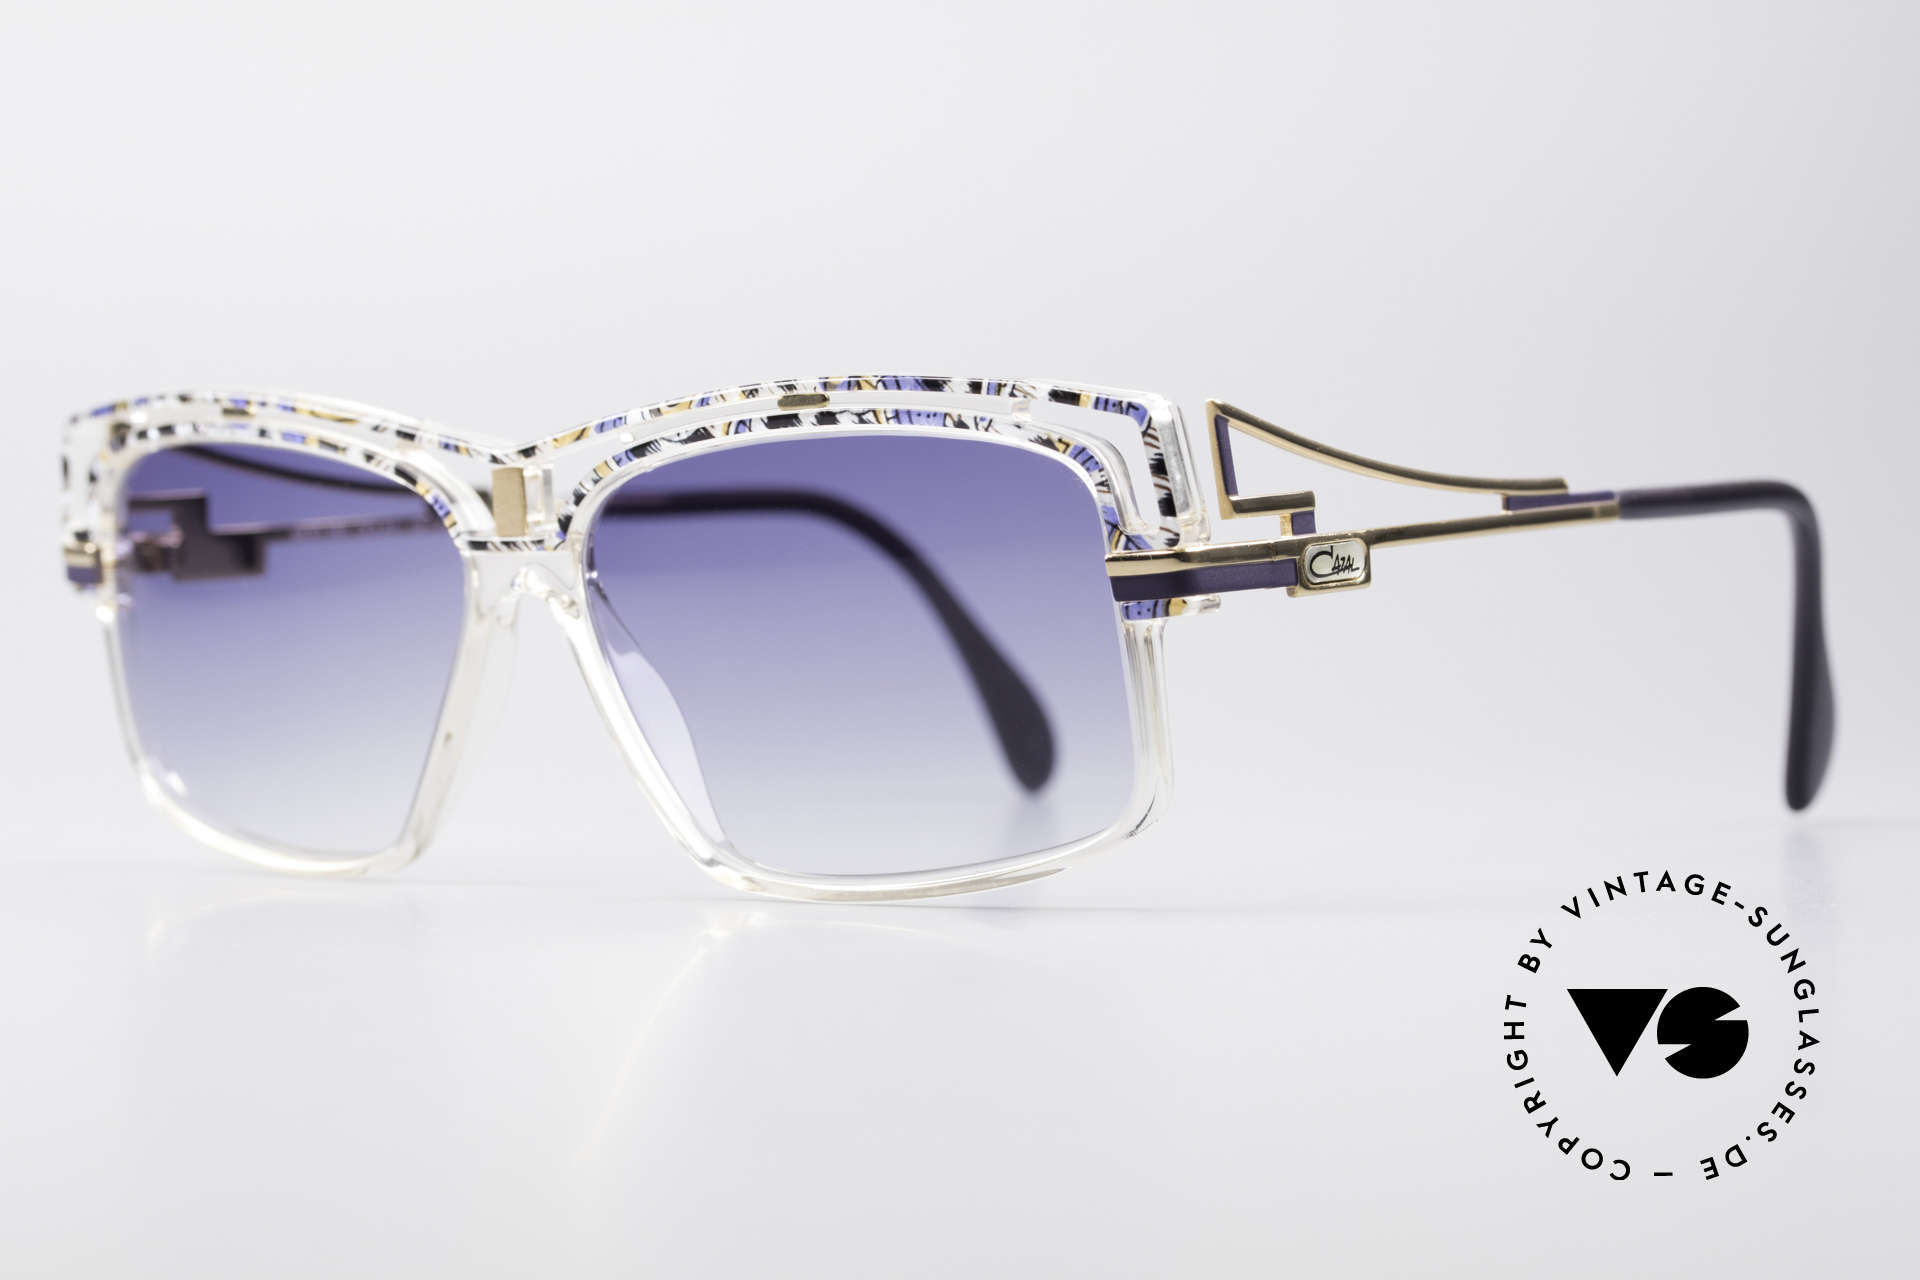 Cazal 365 Vintage 90er Hip Hop Brille, Verarbeitung & Haltbarkeit 'frame made in Germany', Passend für Herren und Damen